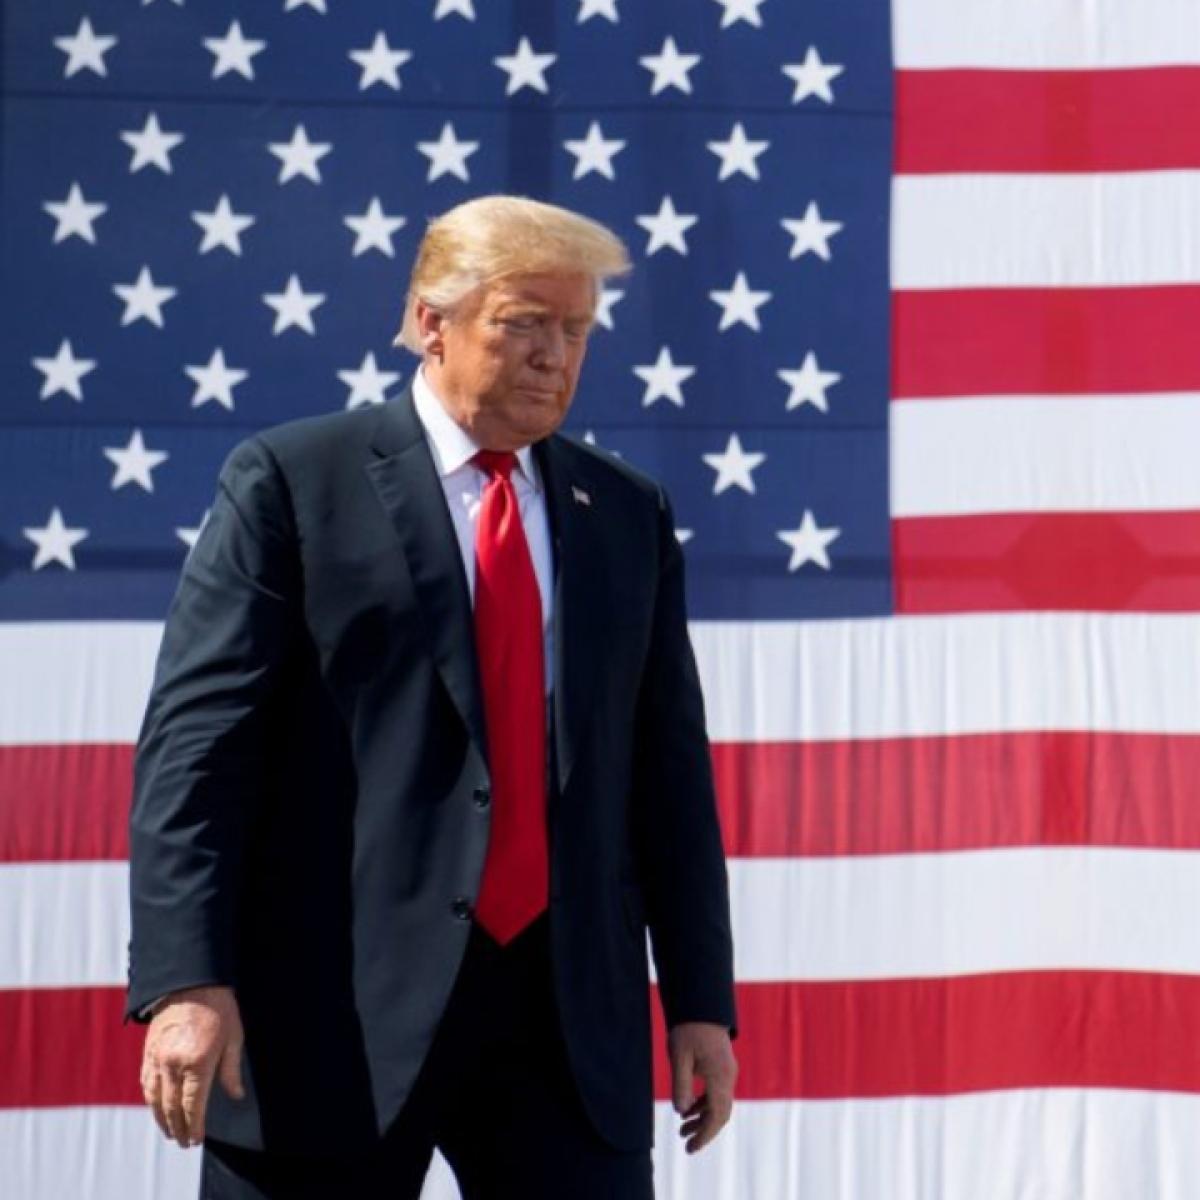 Donald Trump pardons former White House aide Steve Bannon